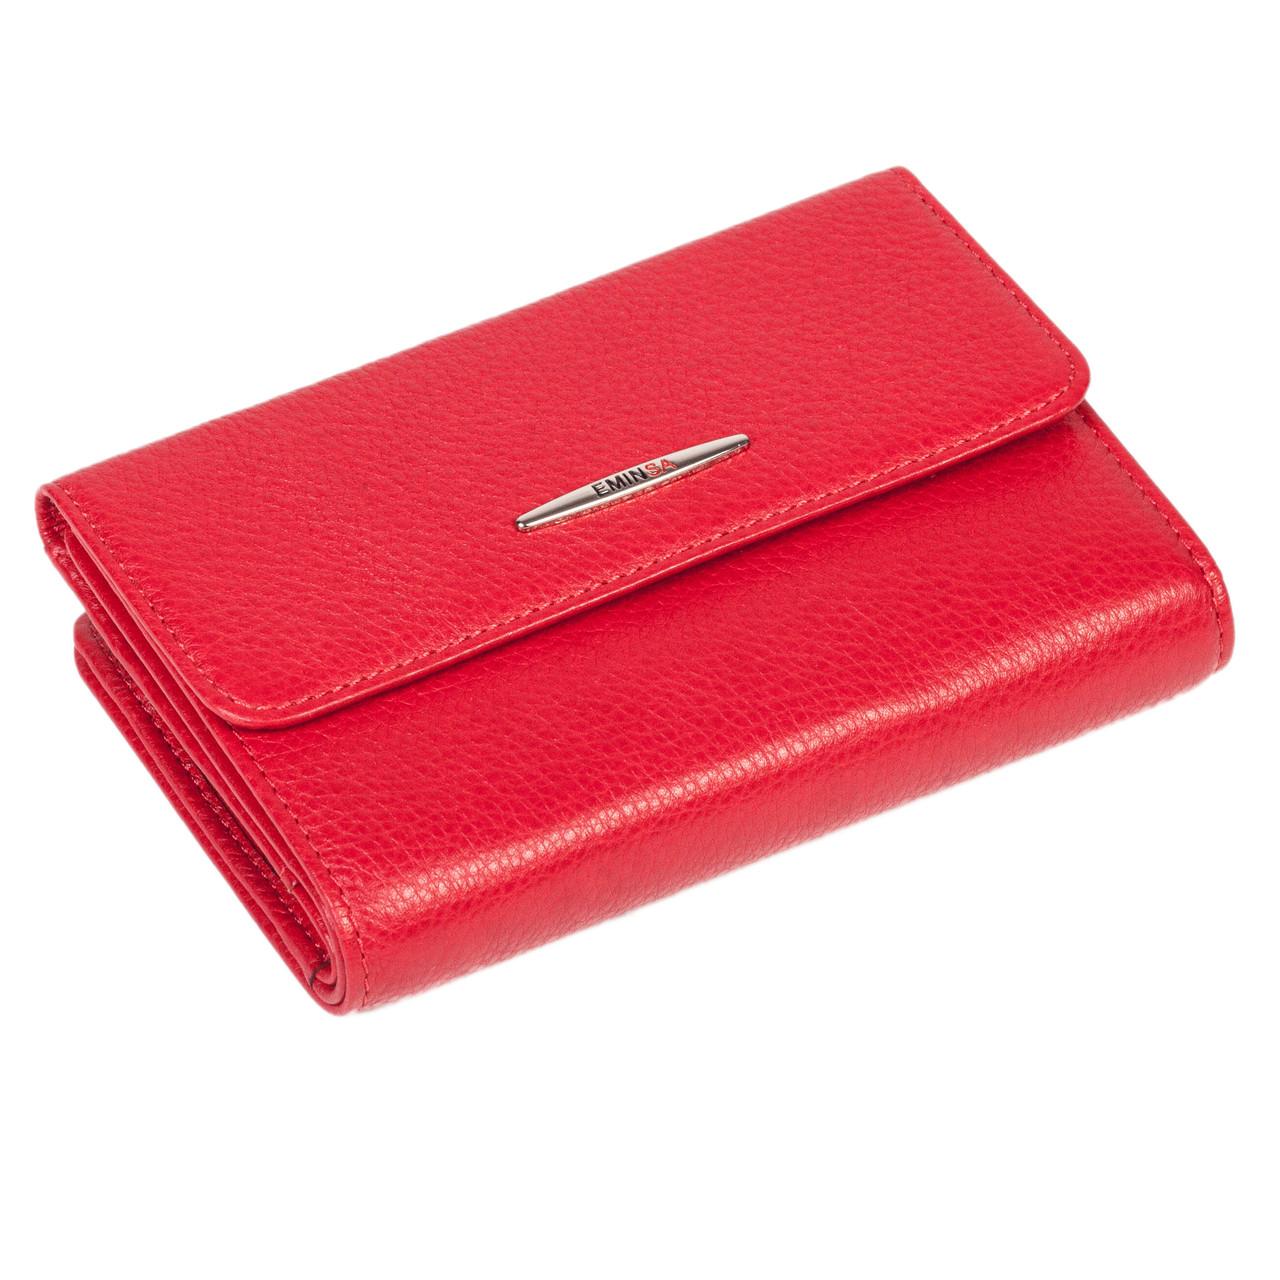 Женский кошелек Eminsa 2147-18-5 кожаный красный